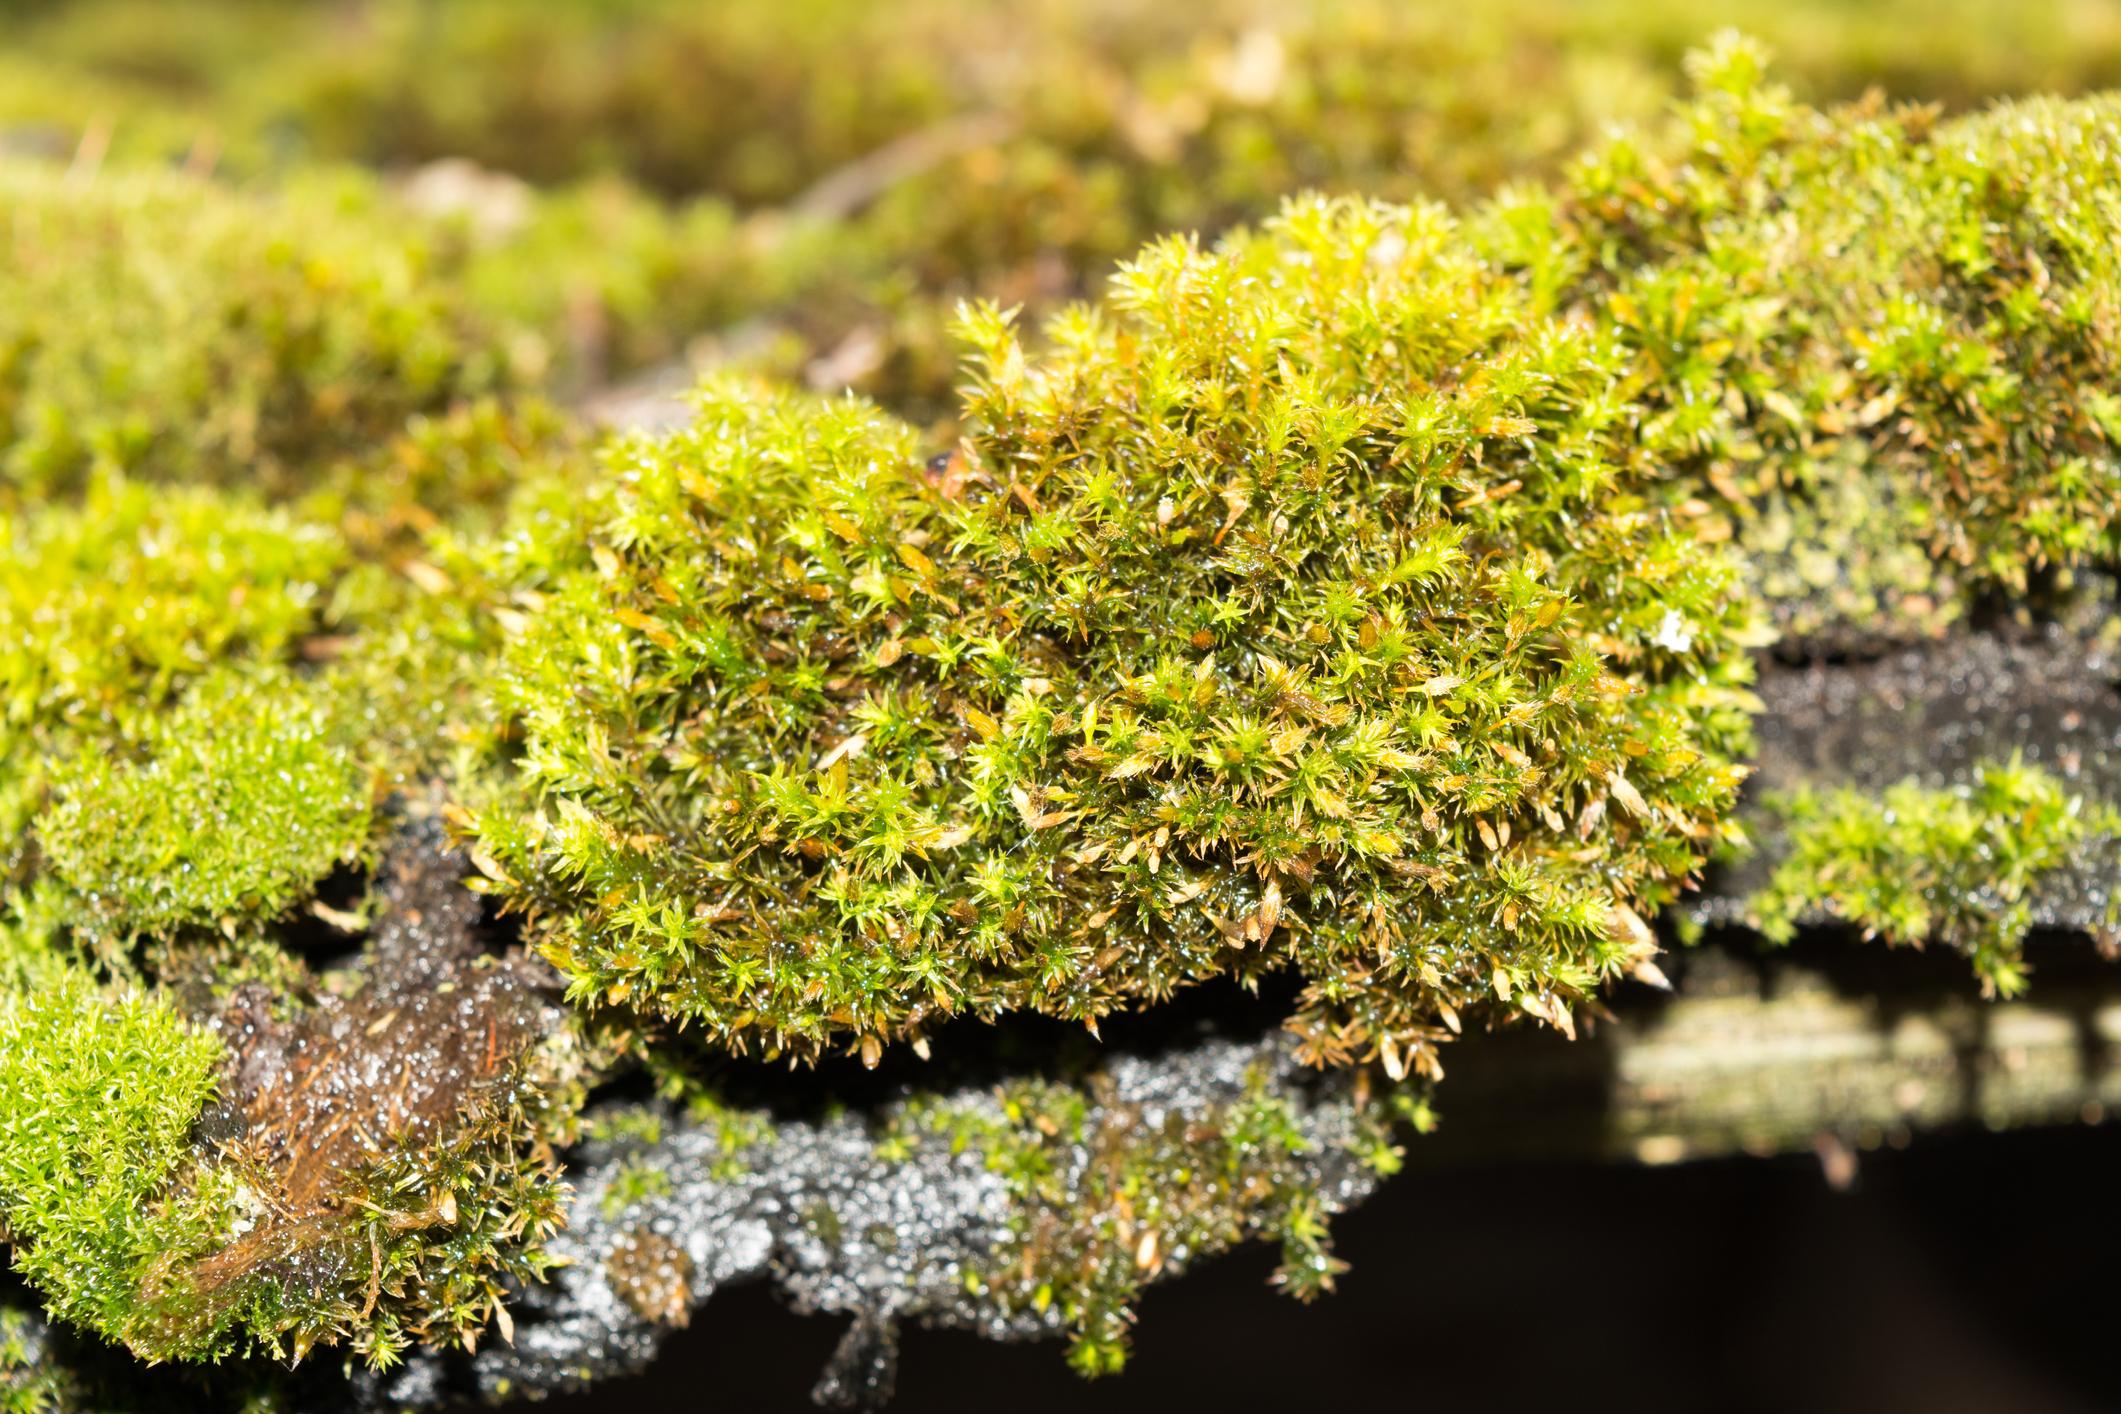 Green moss and algae on slate roof tiles .jpg